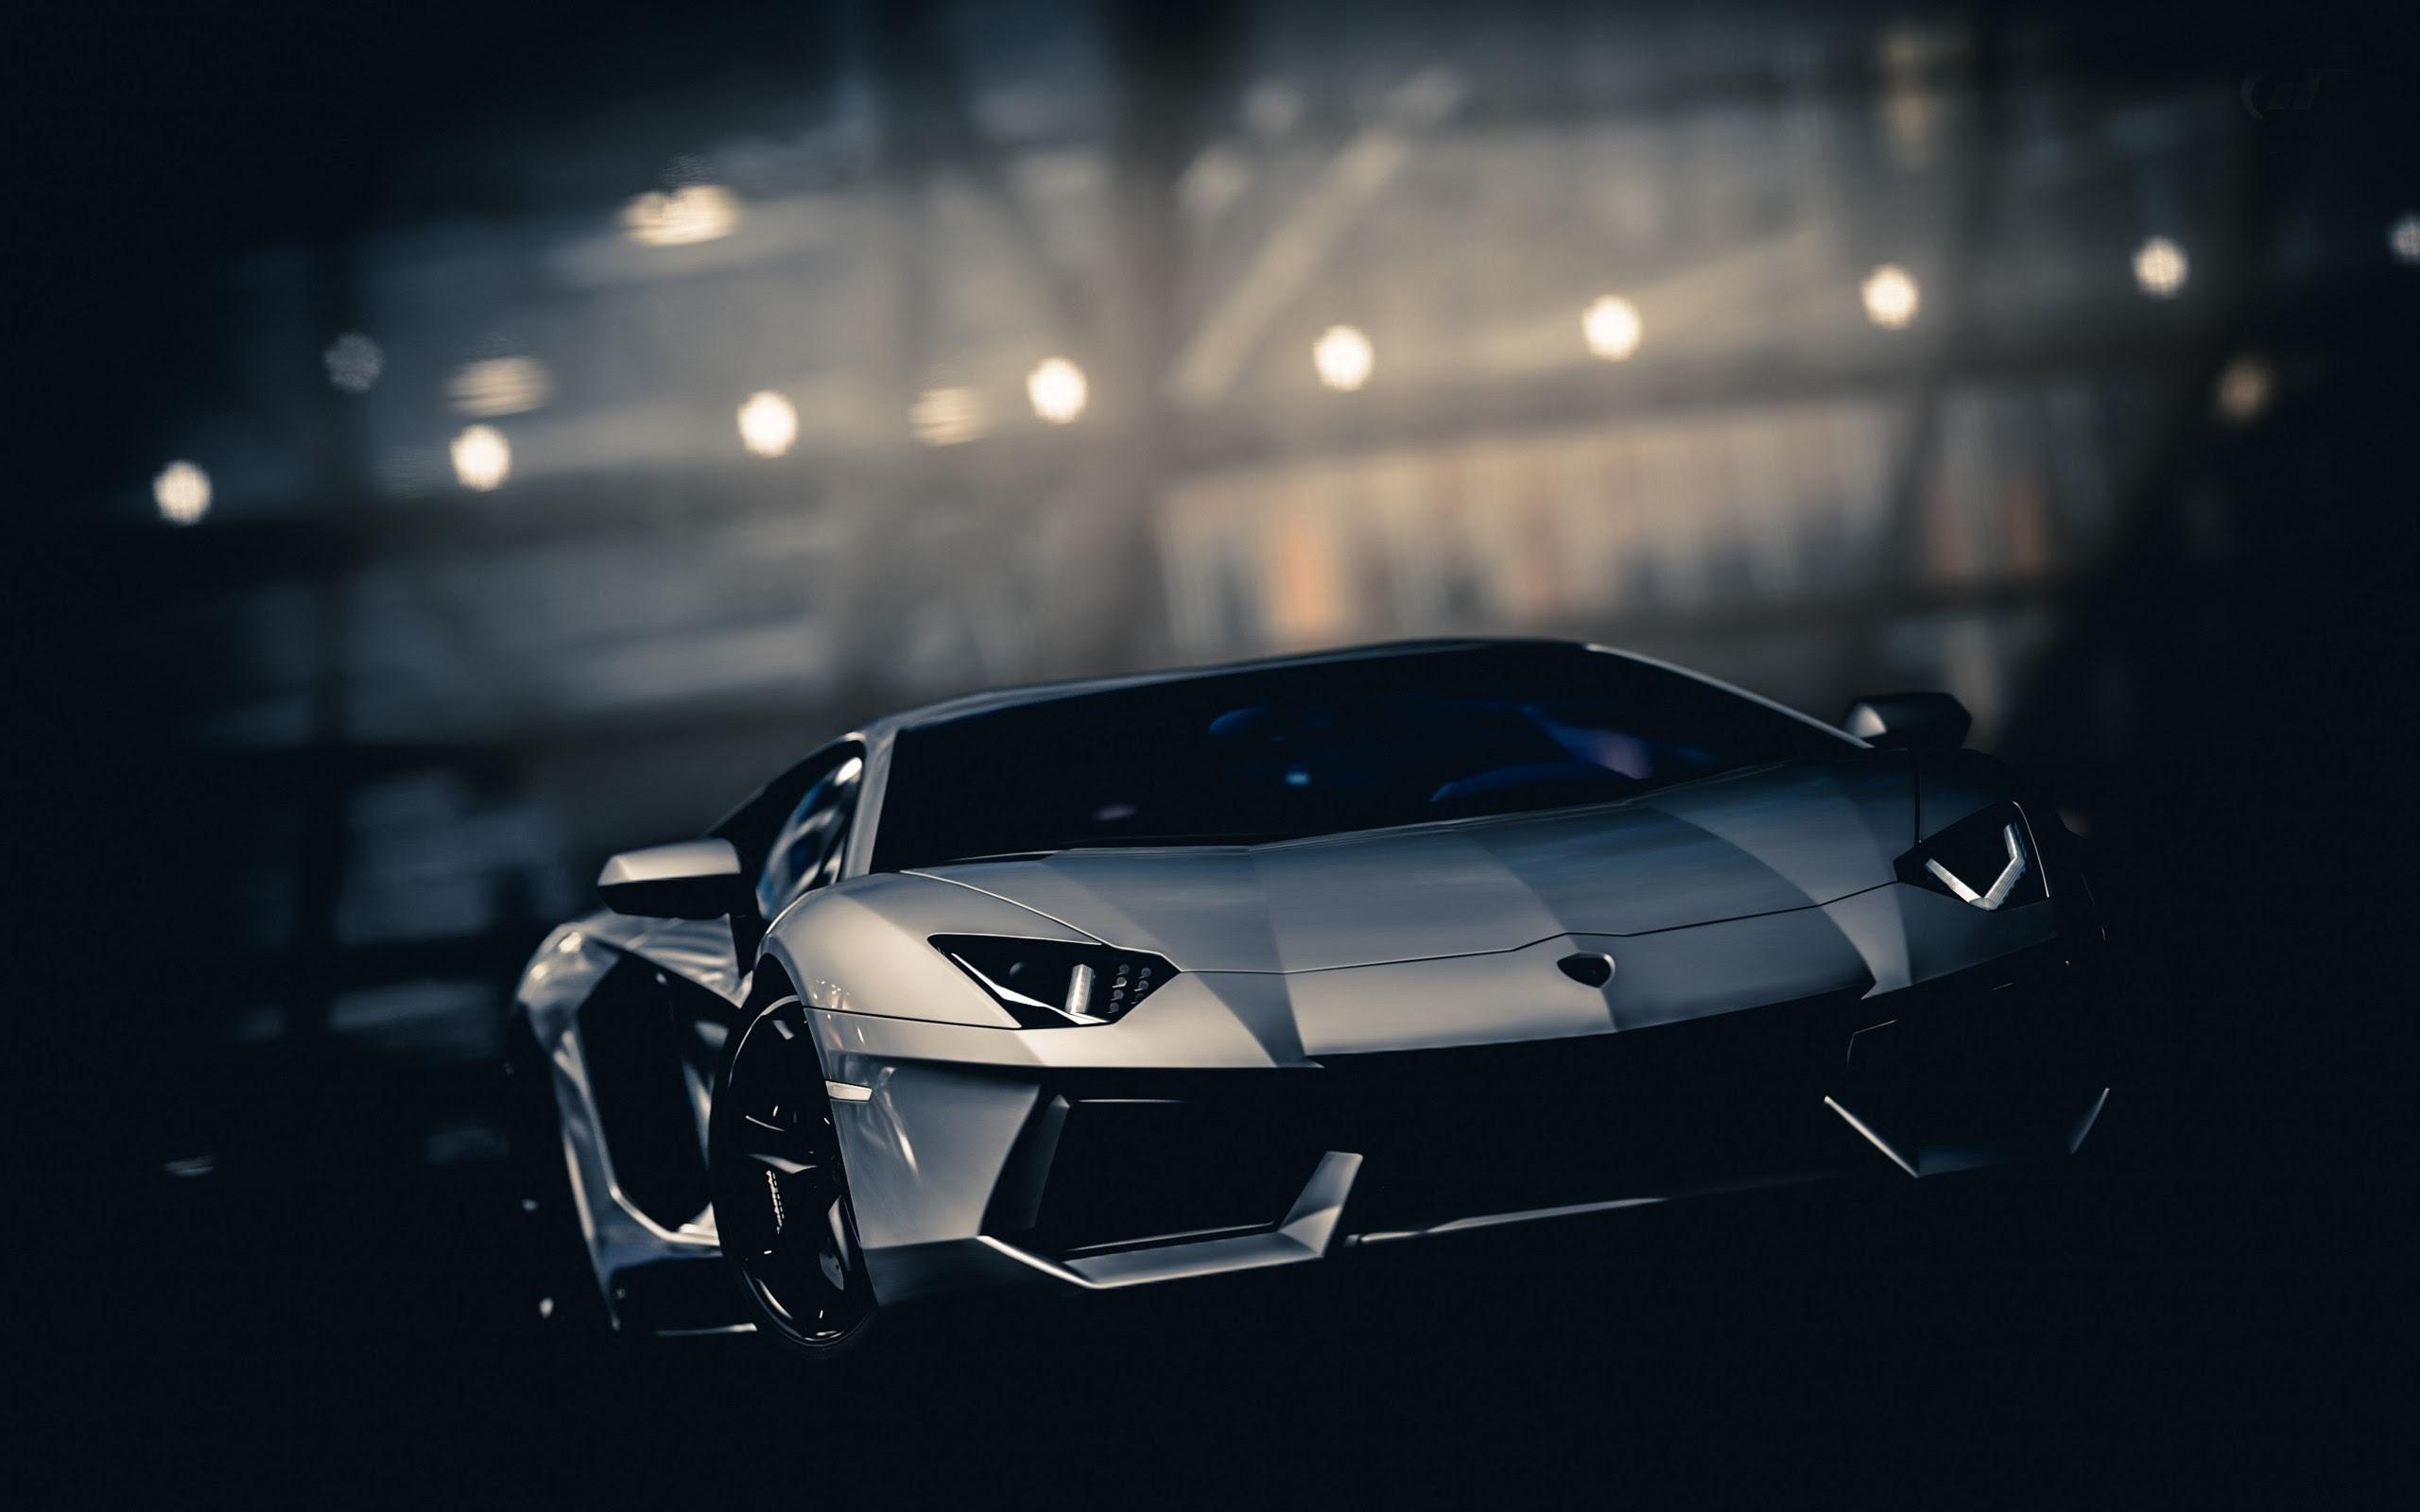 Lamborghini Wallpapers 66 Images